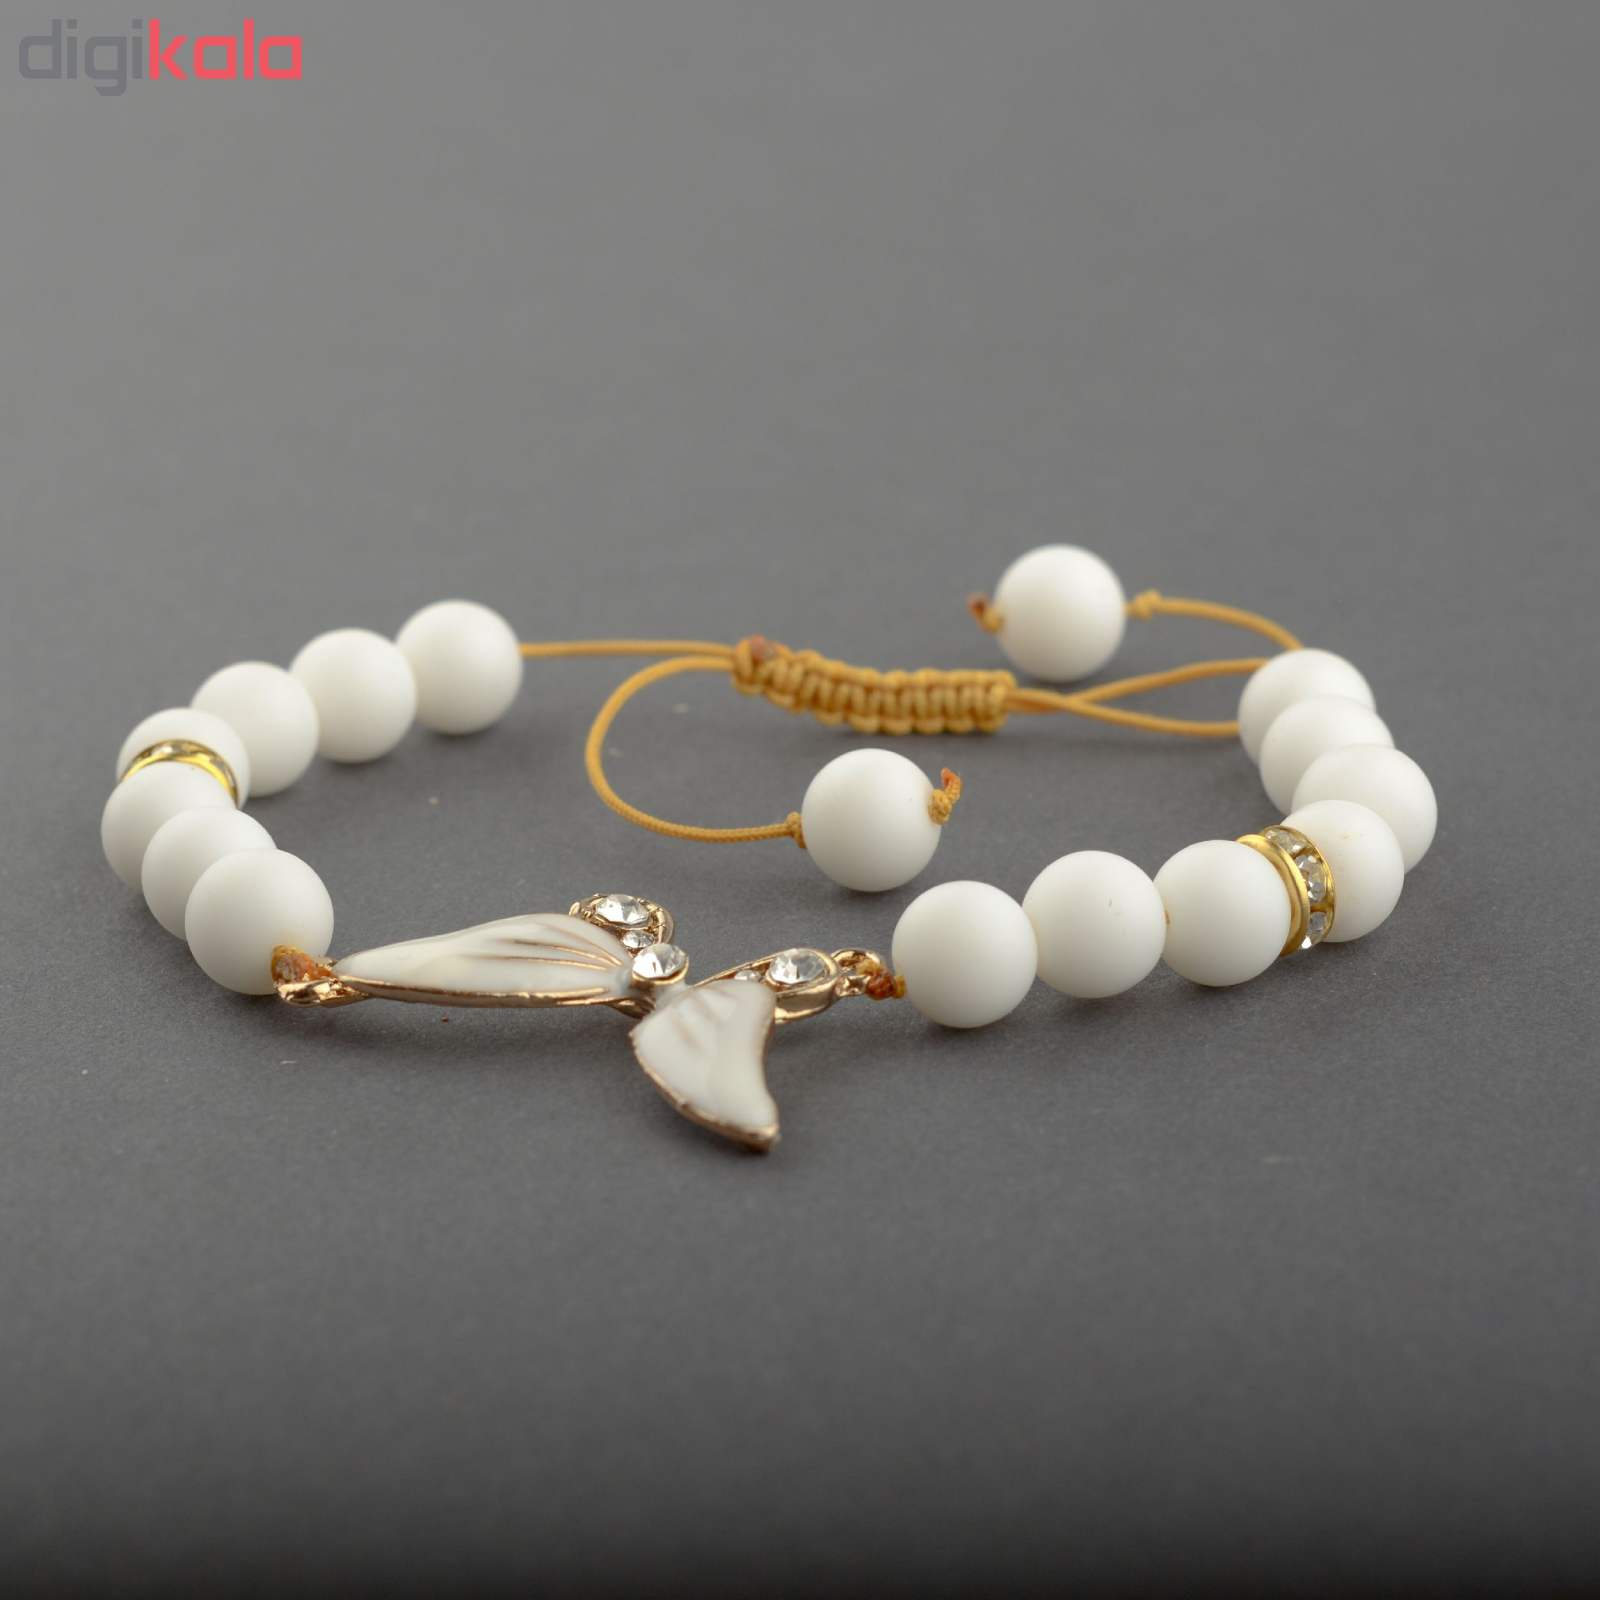 دستبند زنانه کد PT181 main 1 2